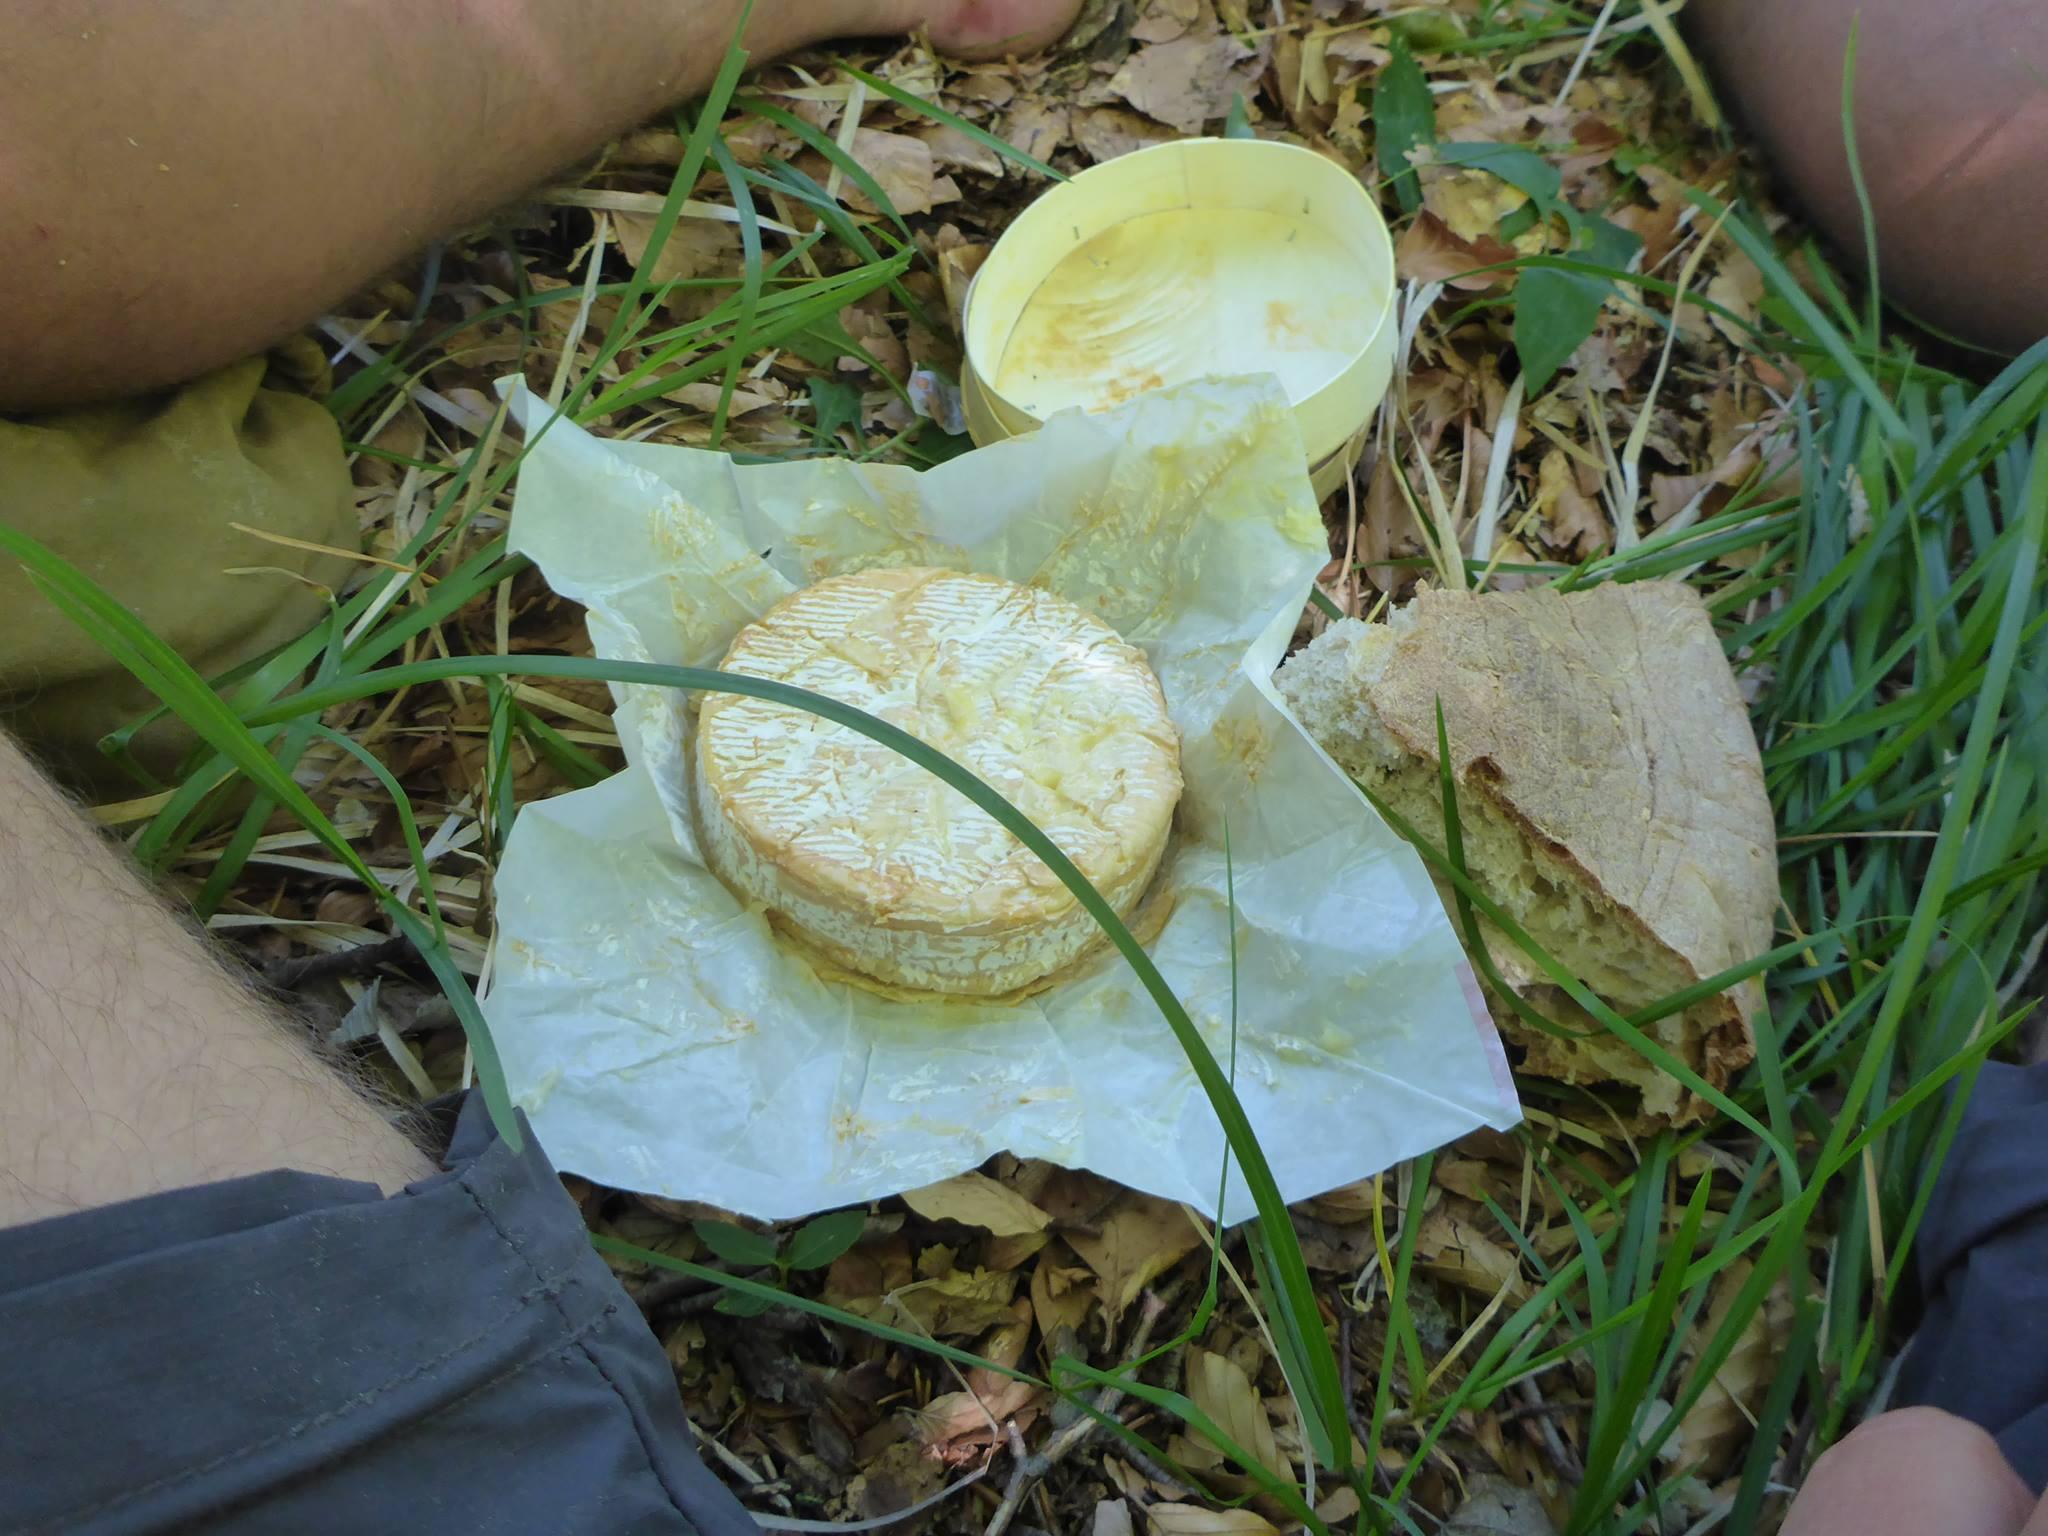 Un camembert ayant déja passé dix jours dans le sac à dos au chaud